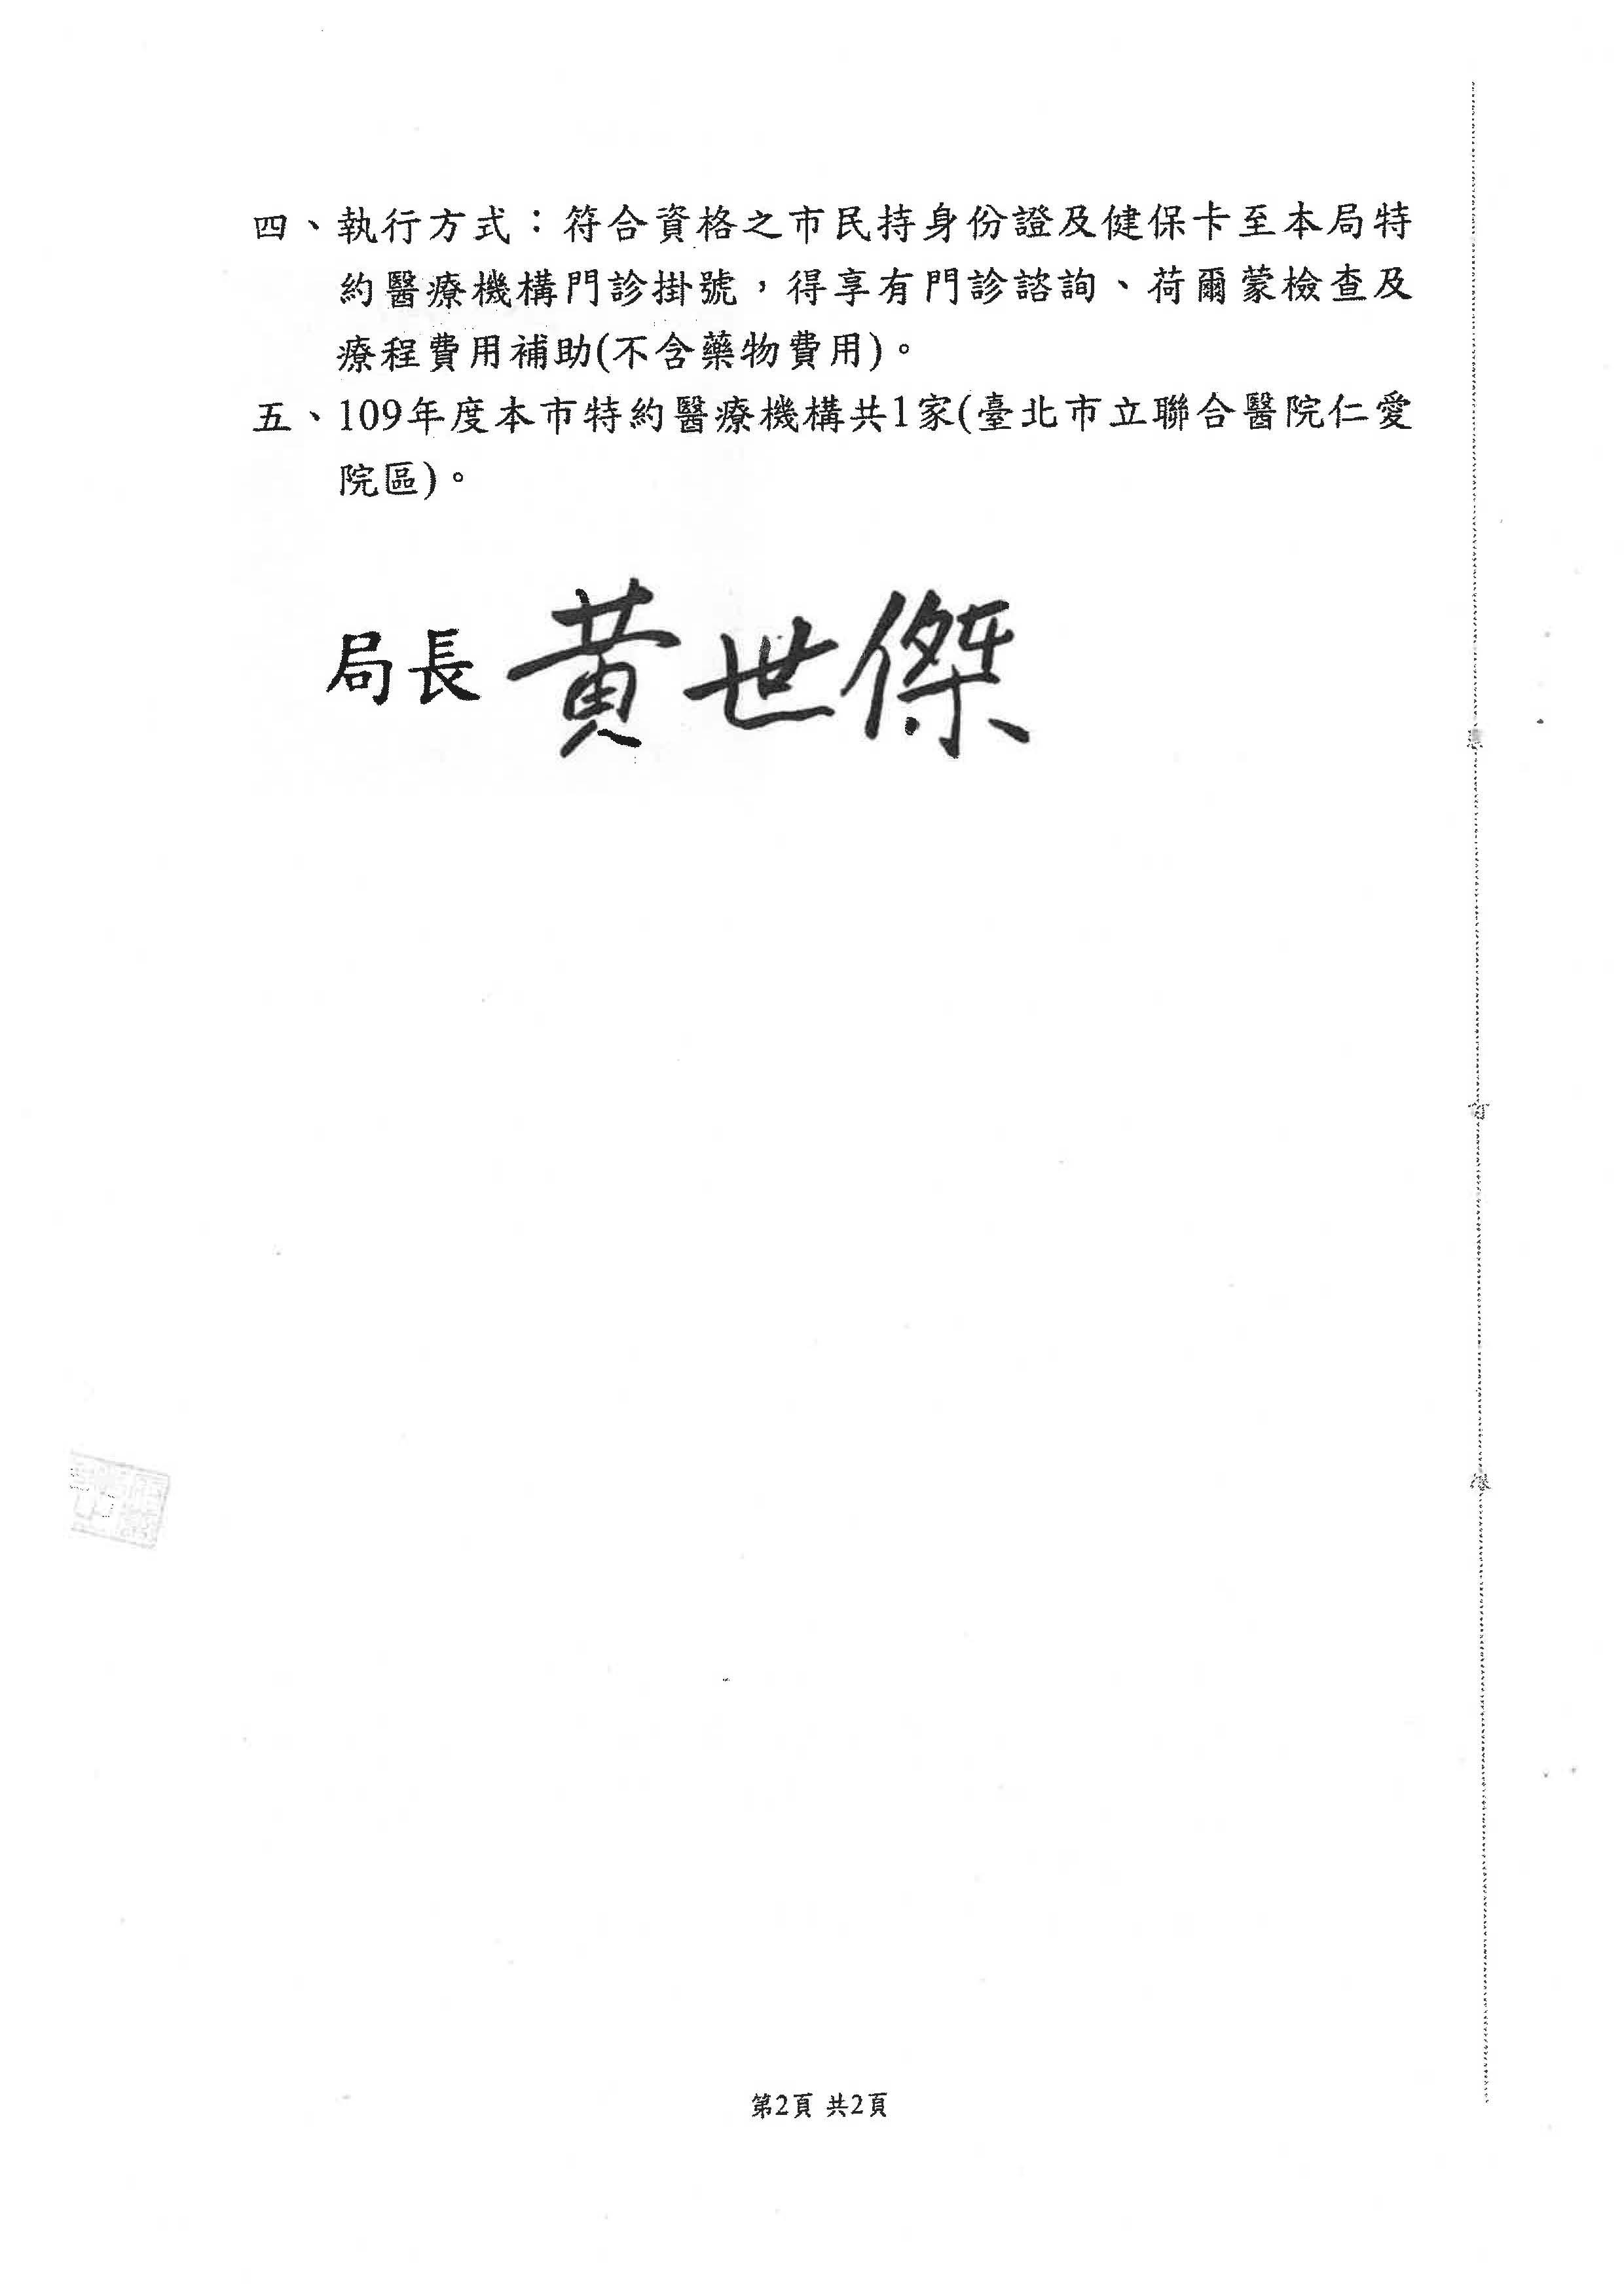 109年度臺北市助孕生殖輔助計畫